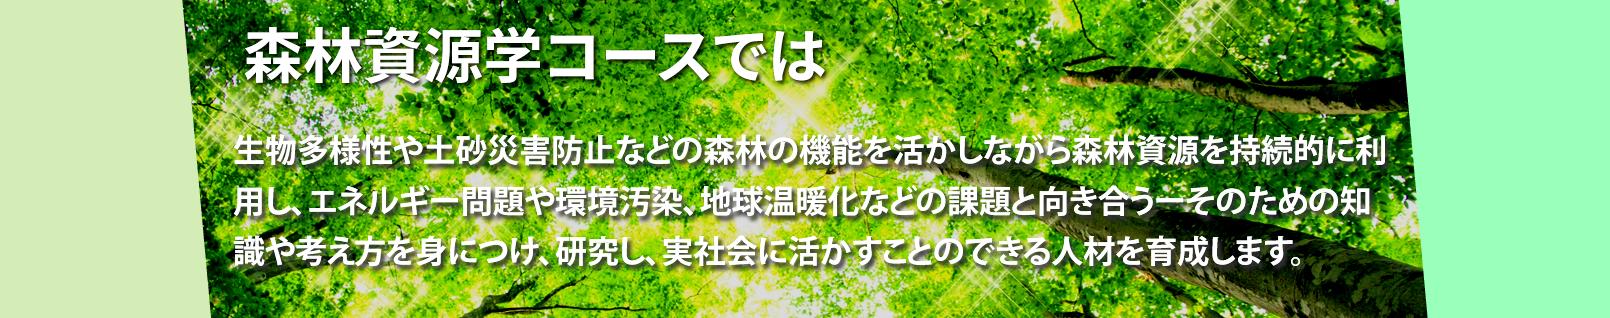 愛媛大学農学部 生物環境 森林資源学コース